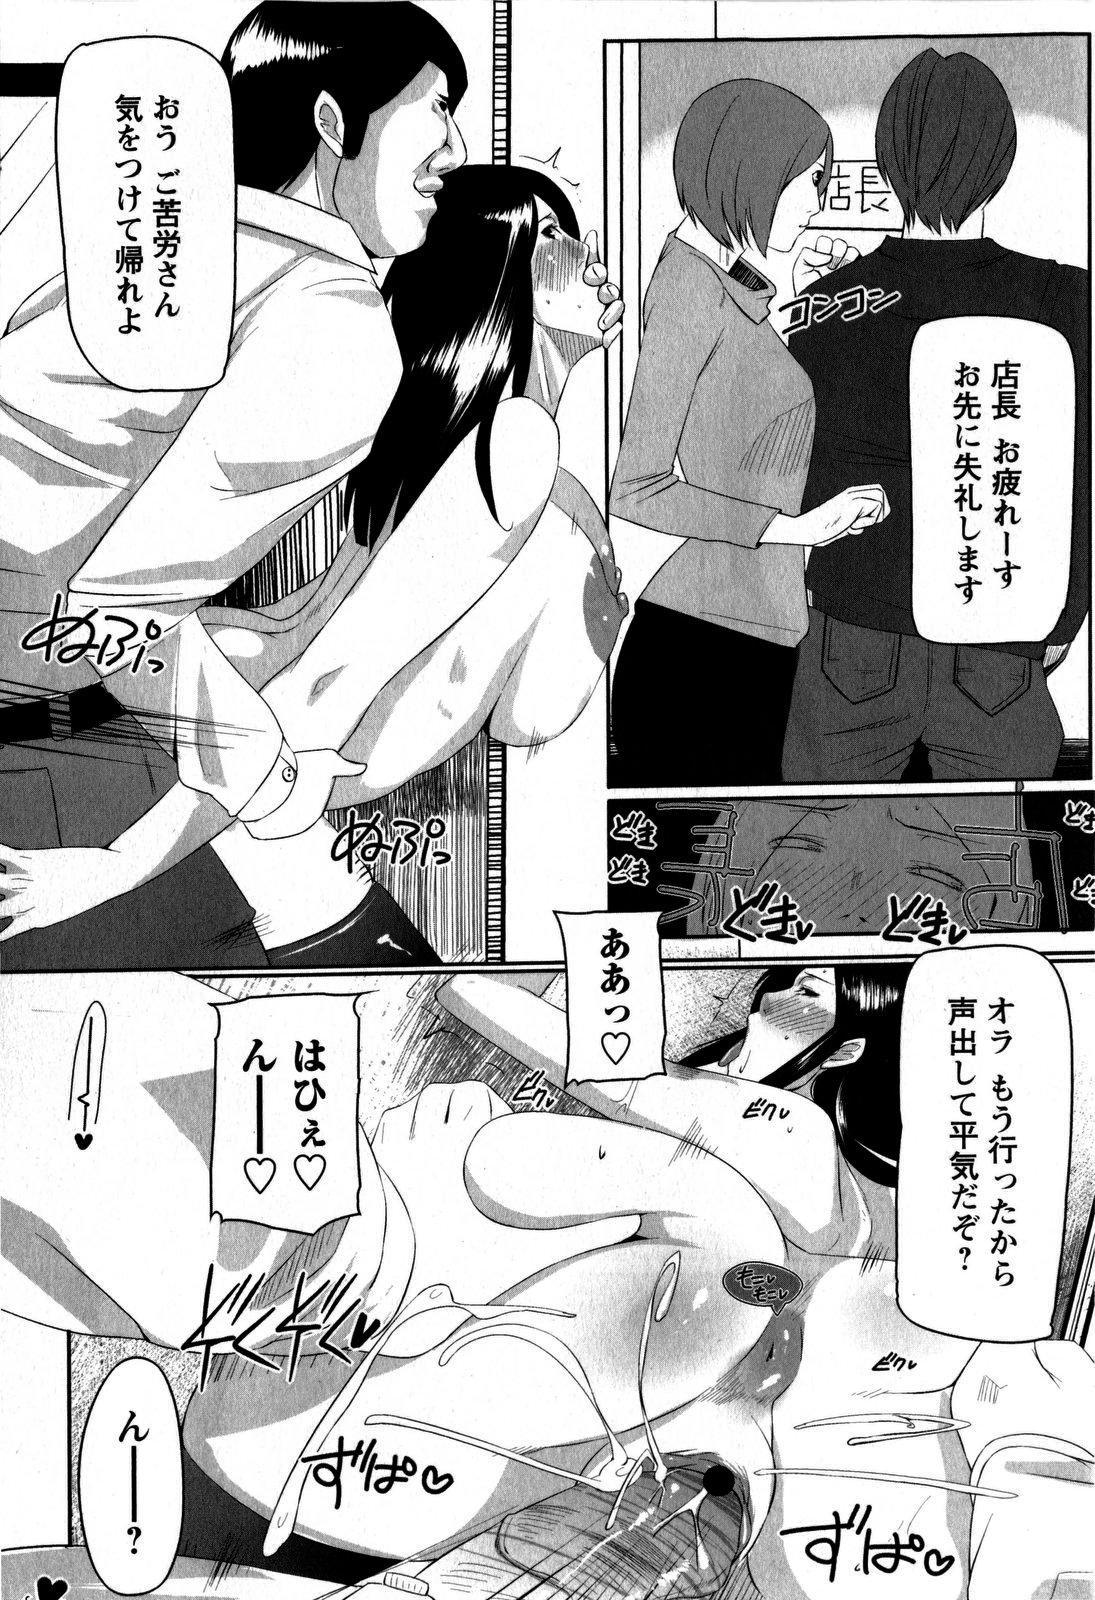 Comic Masyo 2009-06 148